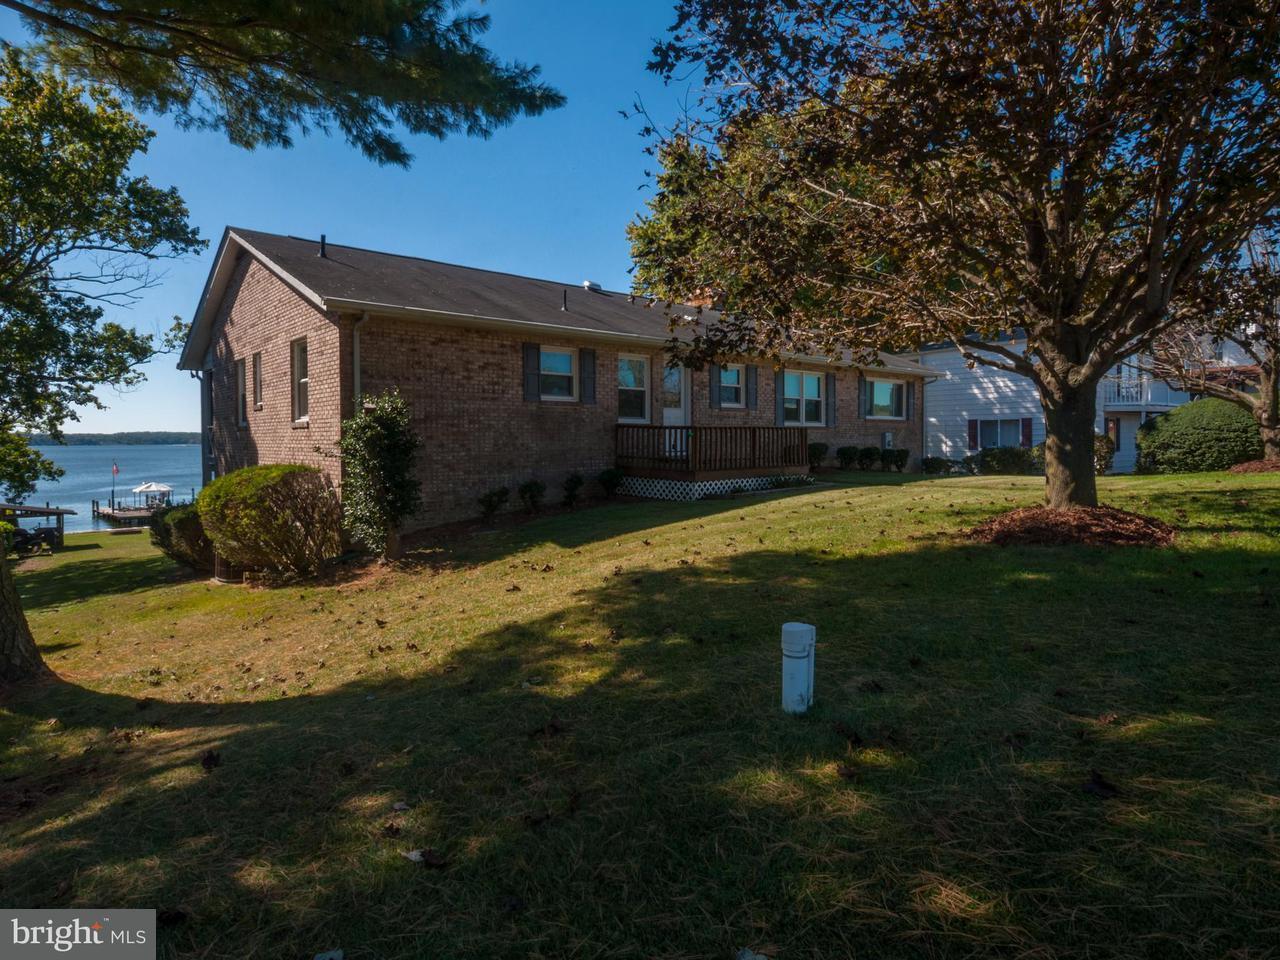 Μονοκατοικία για την Πώληση στο 7761 Patuxent Drive 7761 Patuxent Drive St. Leonard, Μεριλαντ 20685 Ηνωμενεσ Πολιτειεσ